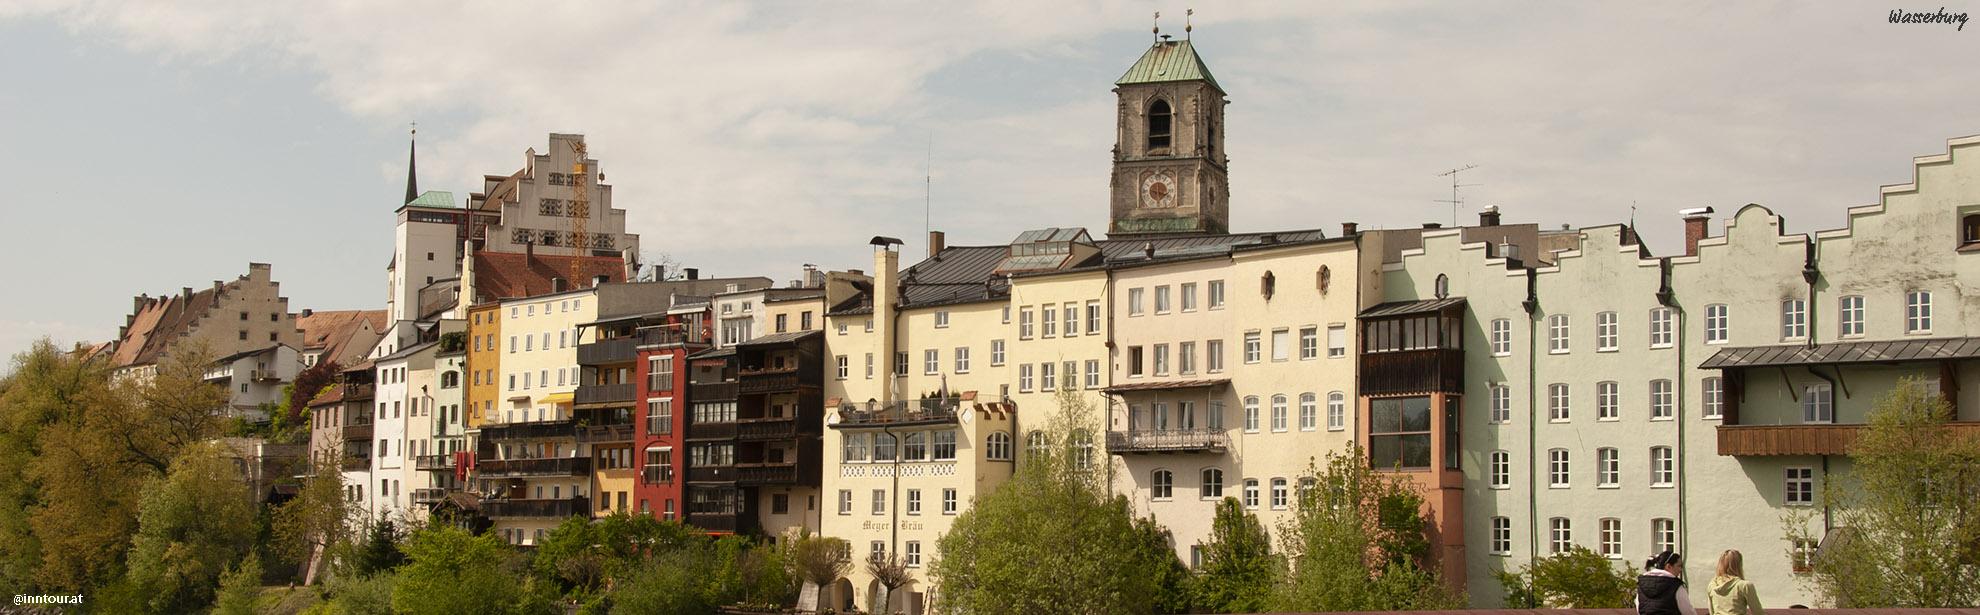 Oinntour_Wasserburg_DSC0171